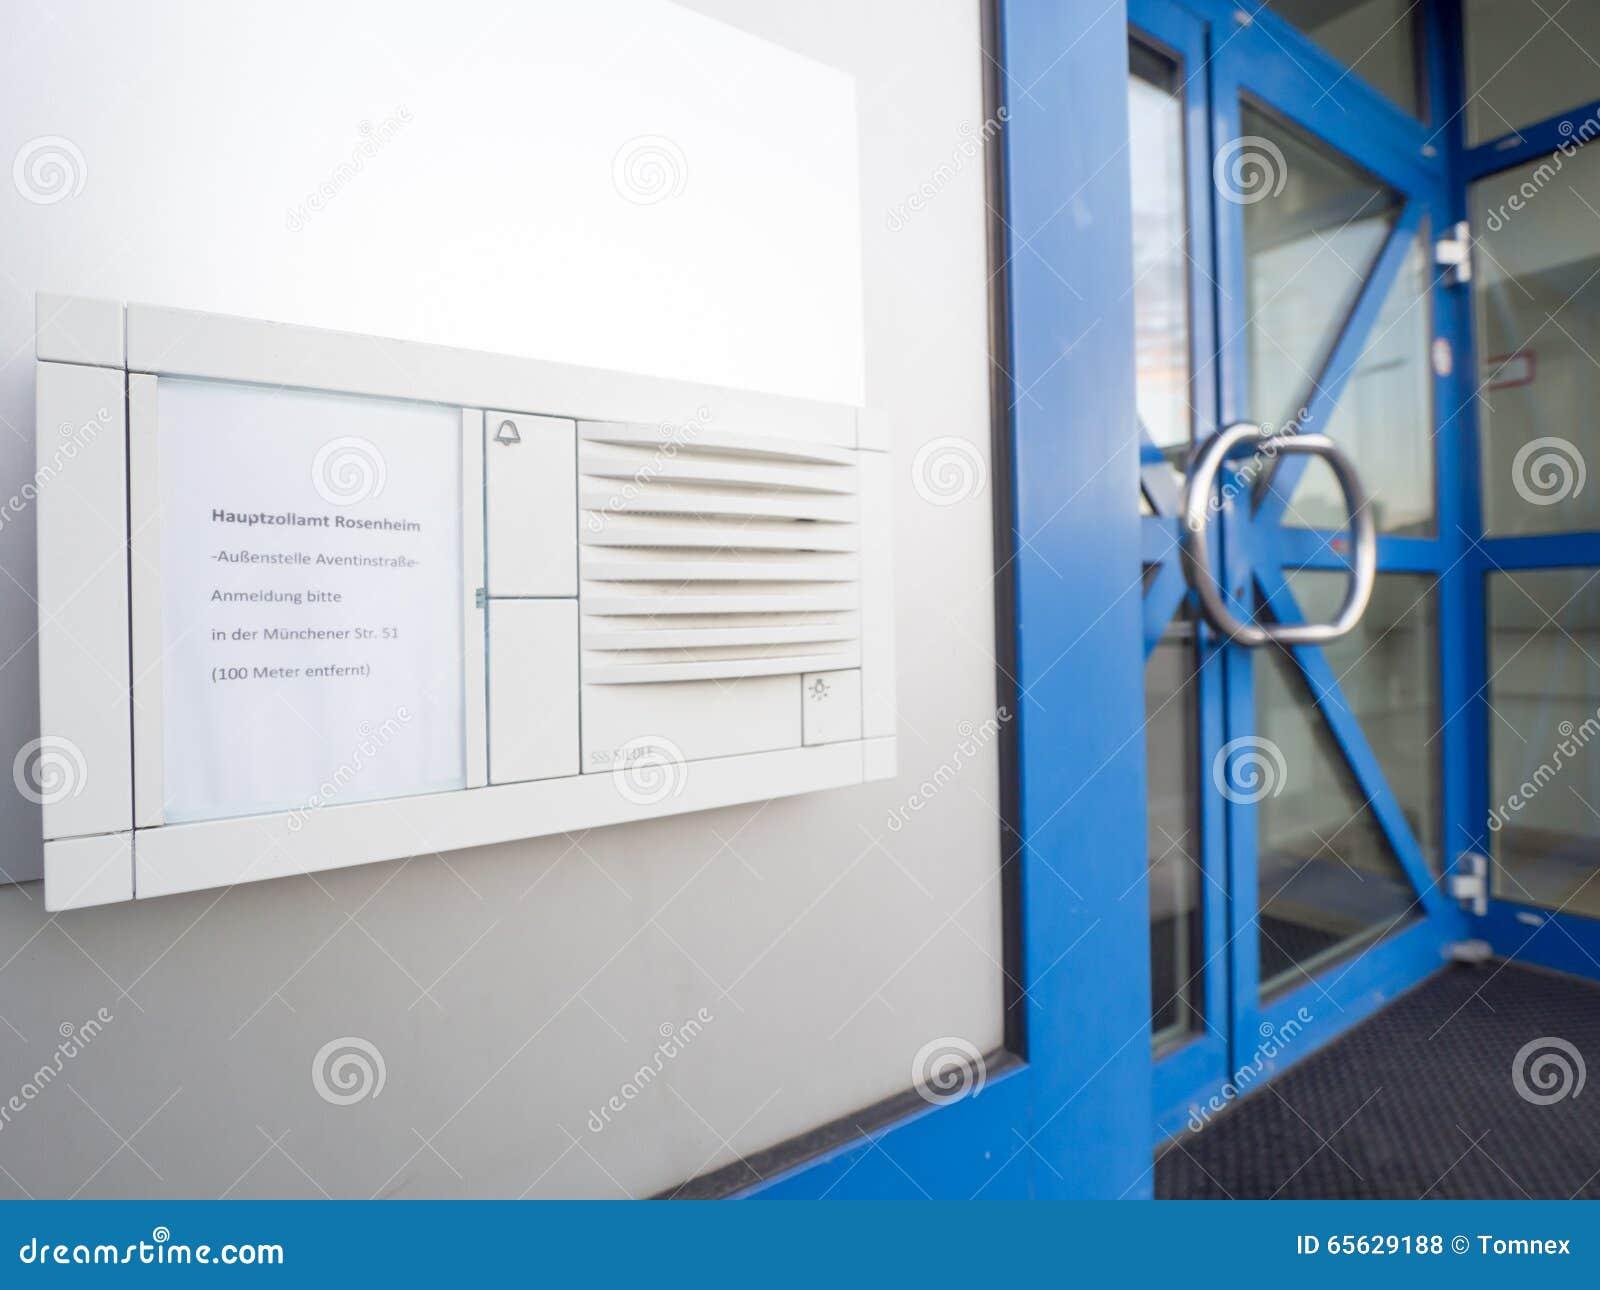 Bureau de douane en chef Rosenheim